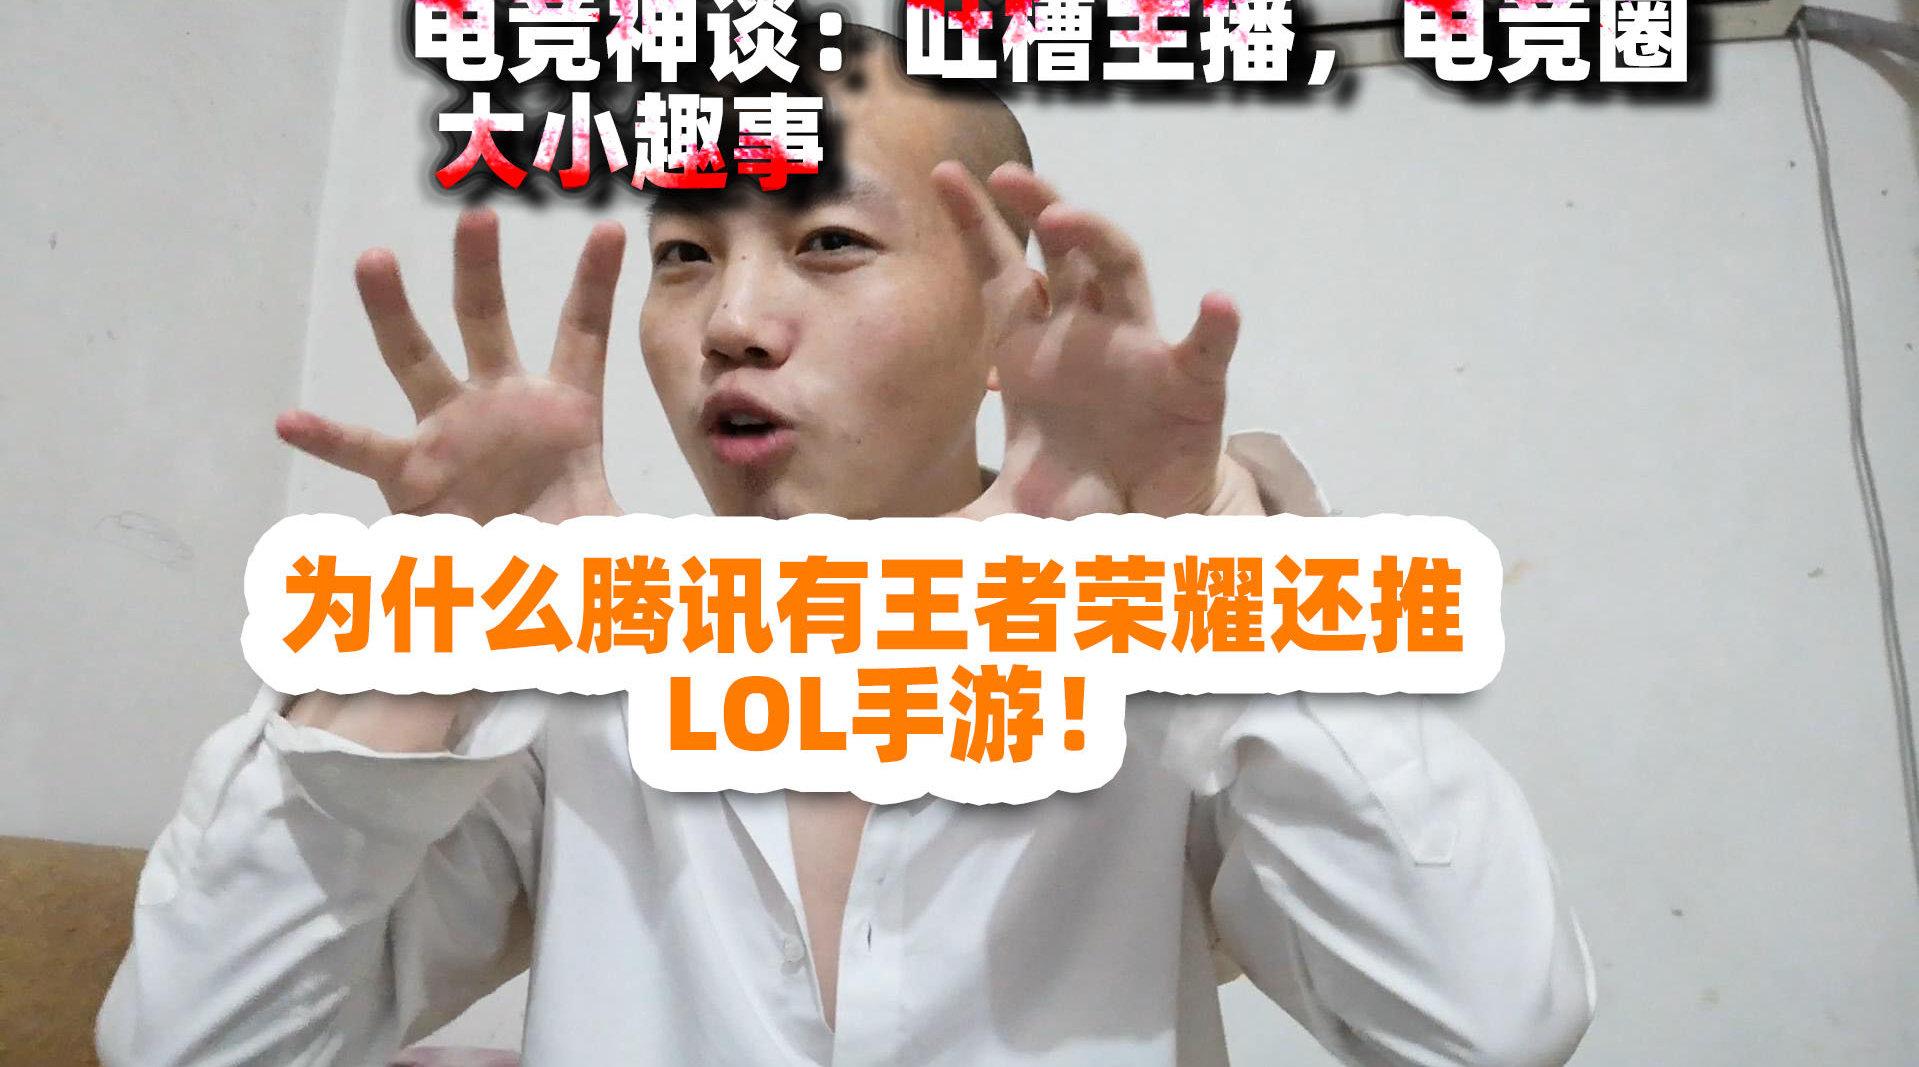 电竞神谈:腾讯为什么有王者荣耀还推LOL手游?